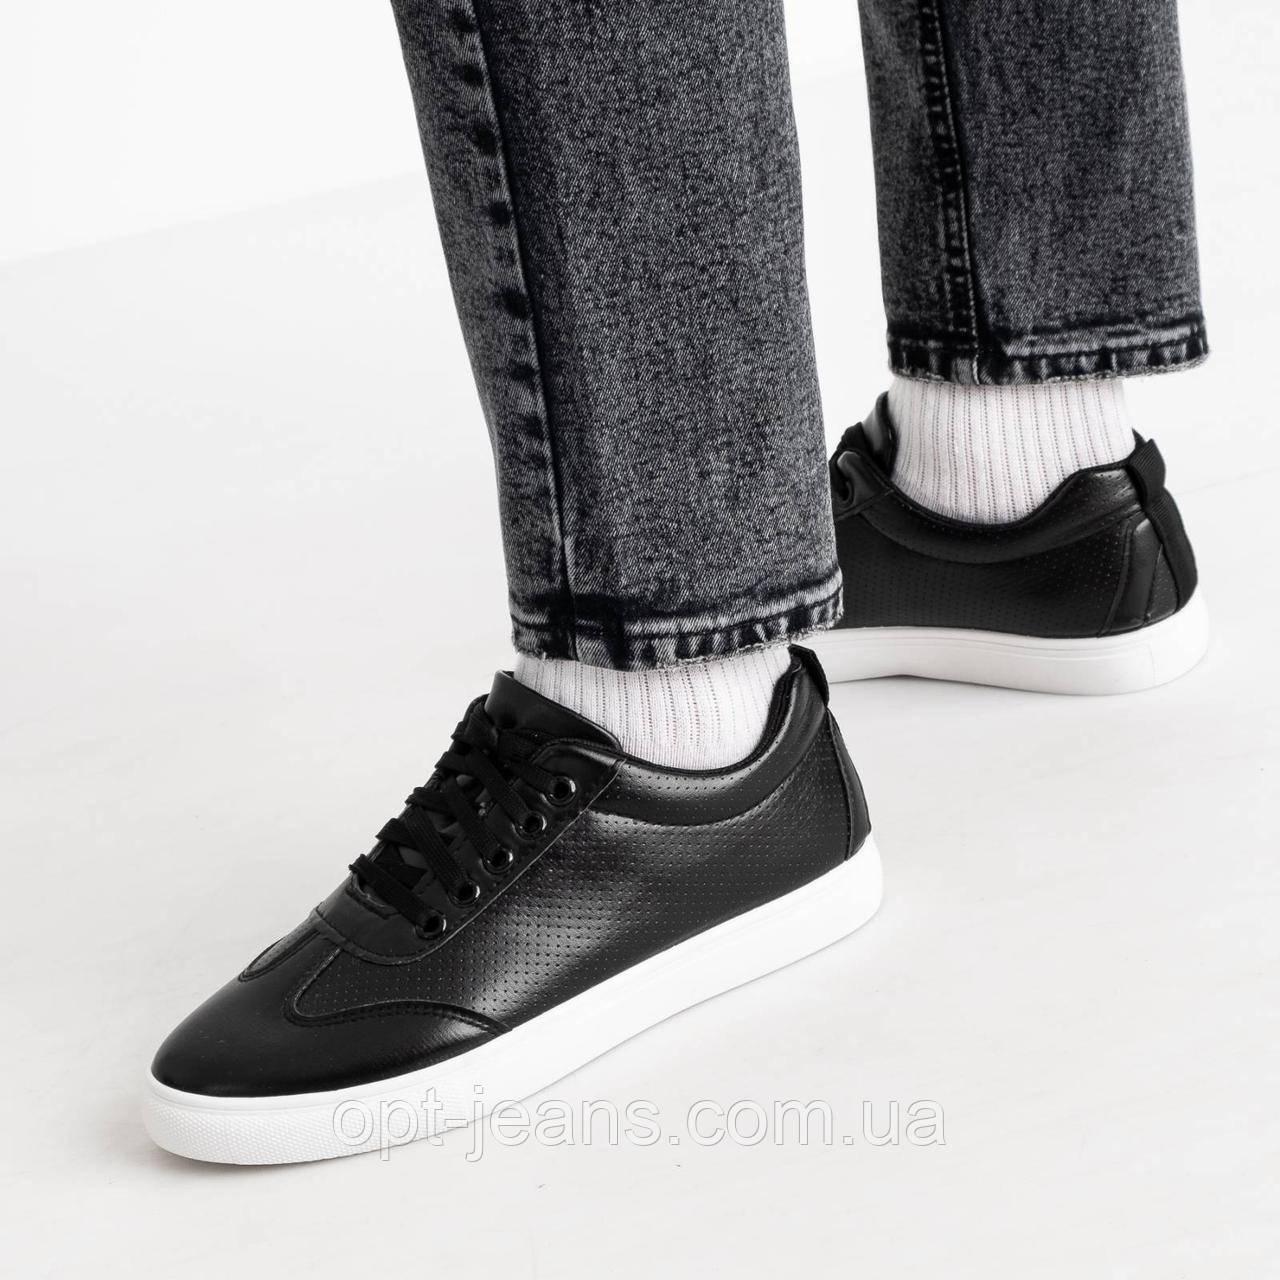 271020-41 чорні кросівки чоловічі (10 од. розміри: 39.40.40.41.41.42.42.43.43.44)